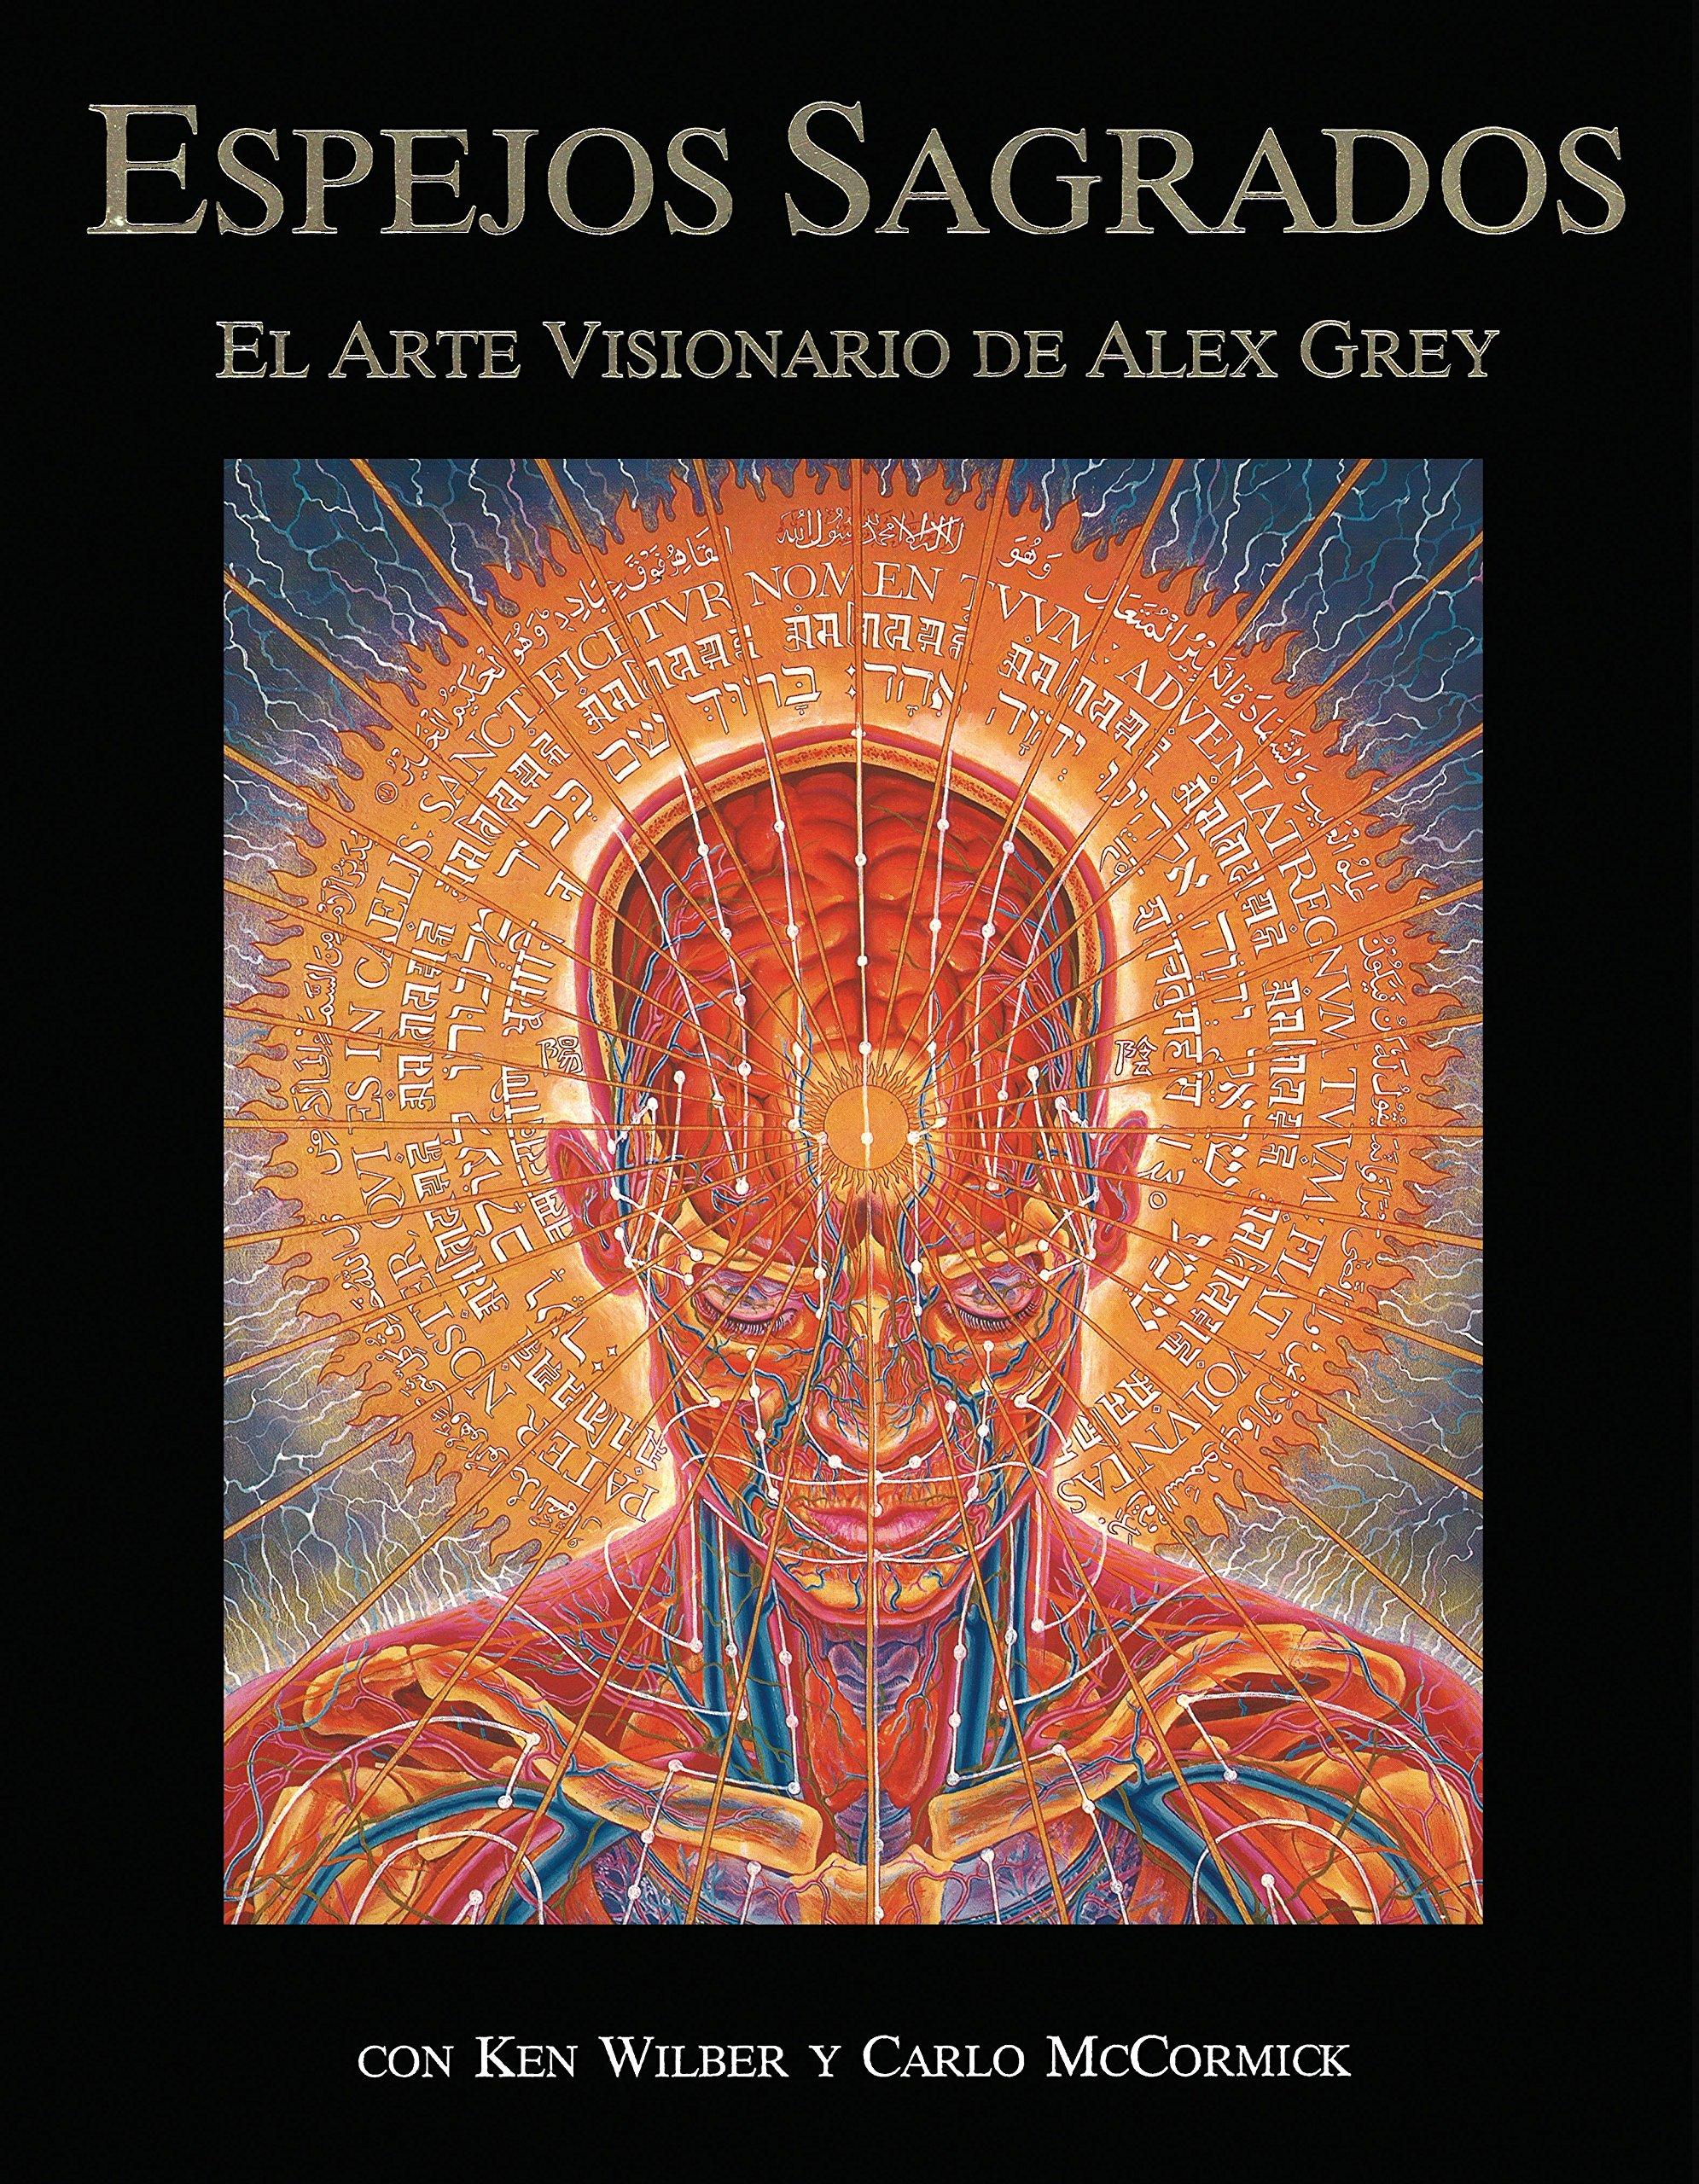 Espejos sagrados: el arte visionario de Alex Grey by ITI en Espanol